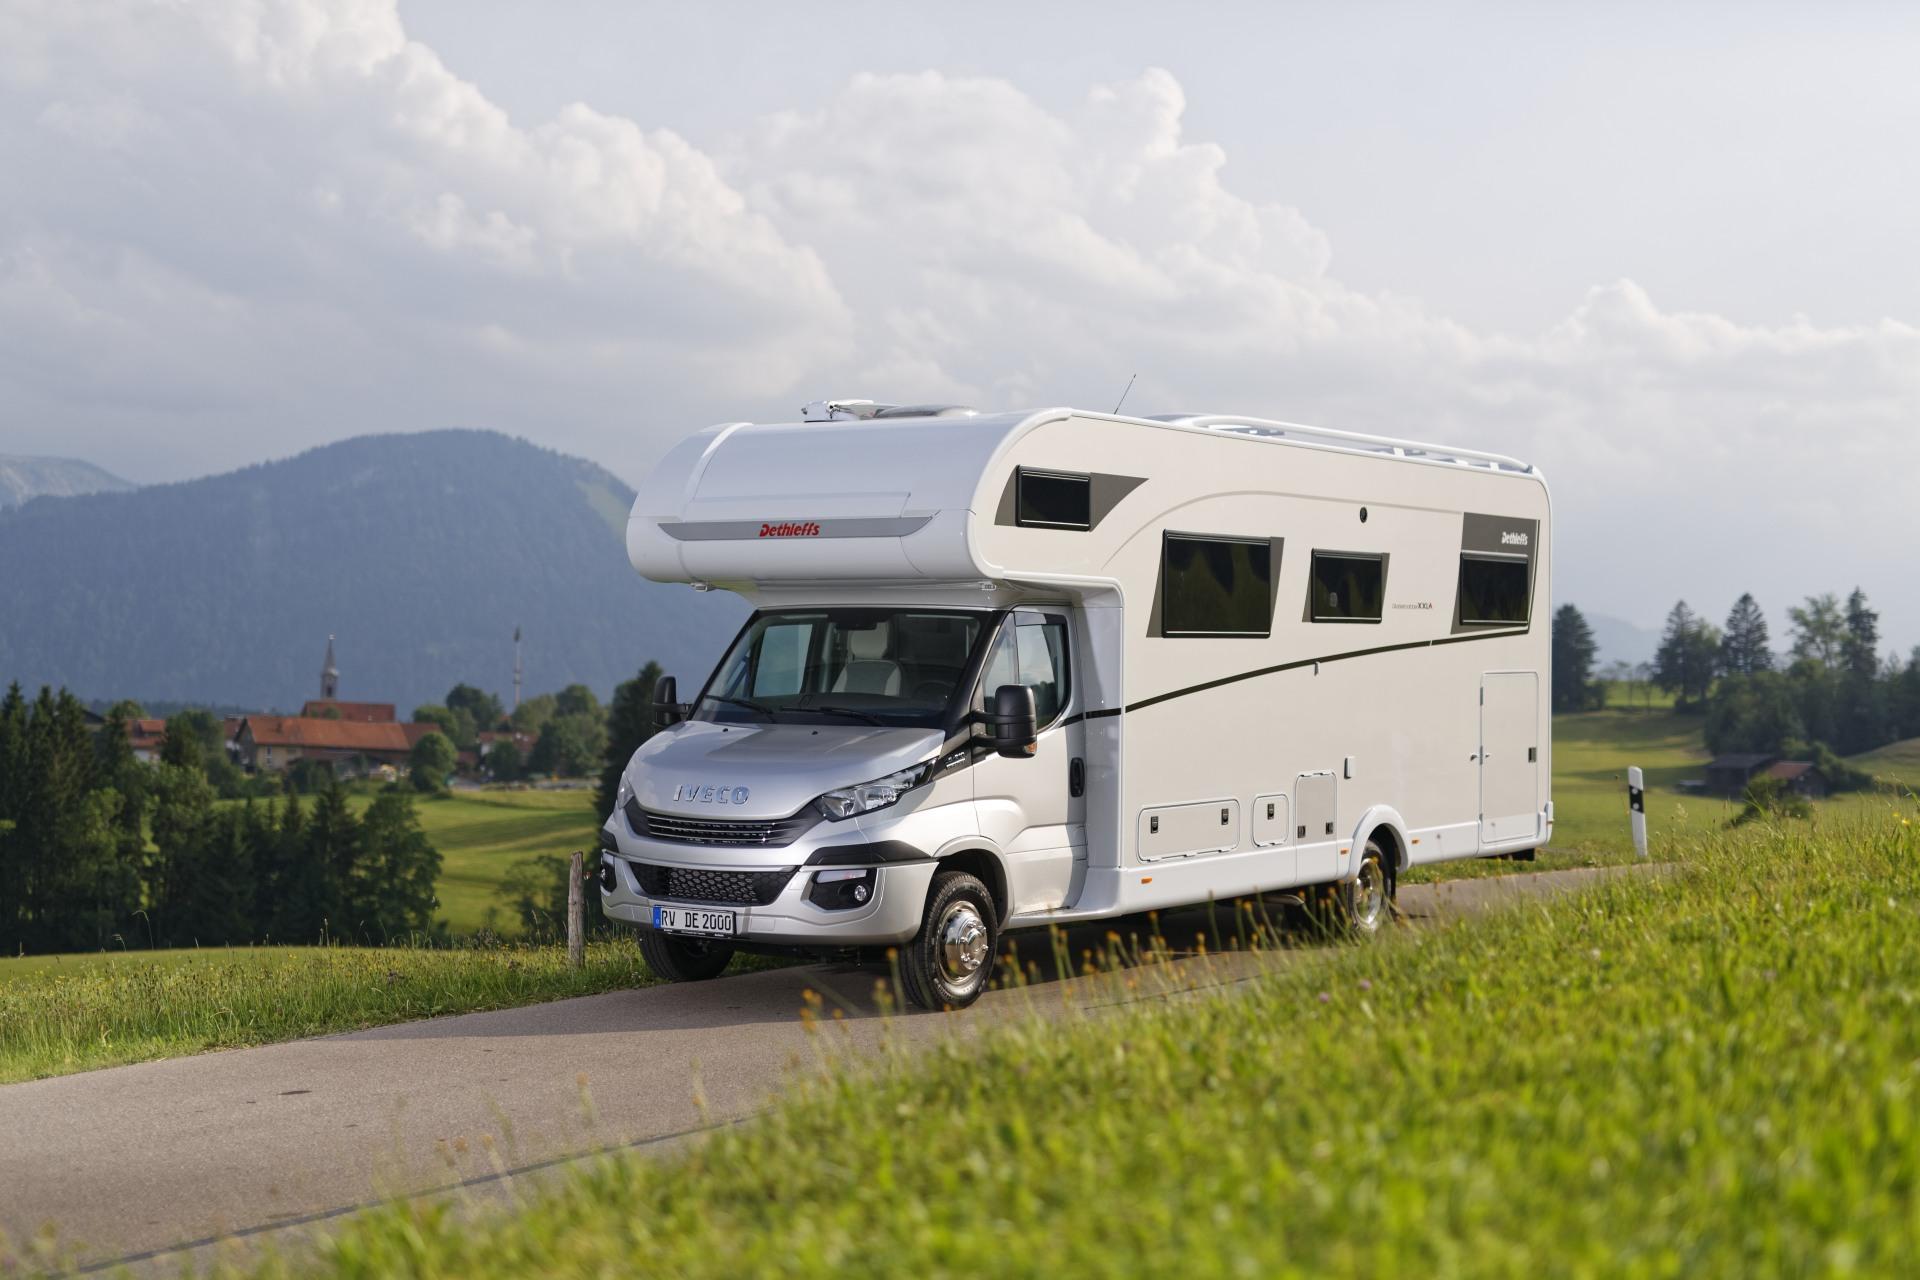 Dethleffs Bietet Caravans Und Reisemobile Für Junge Leute